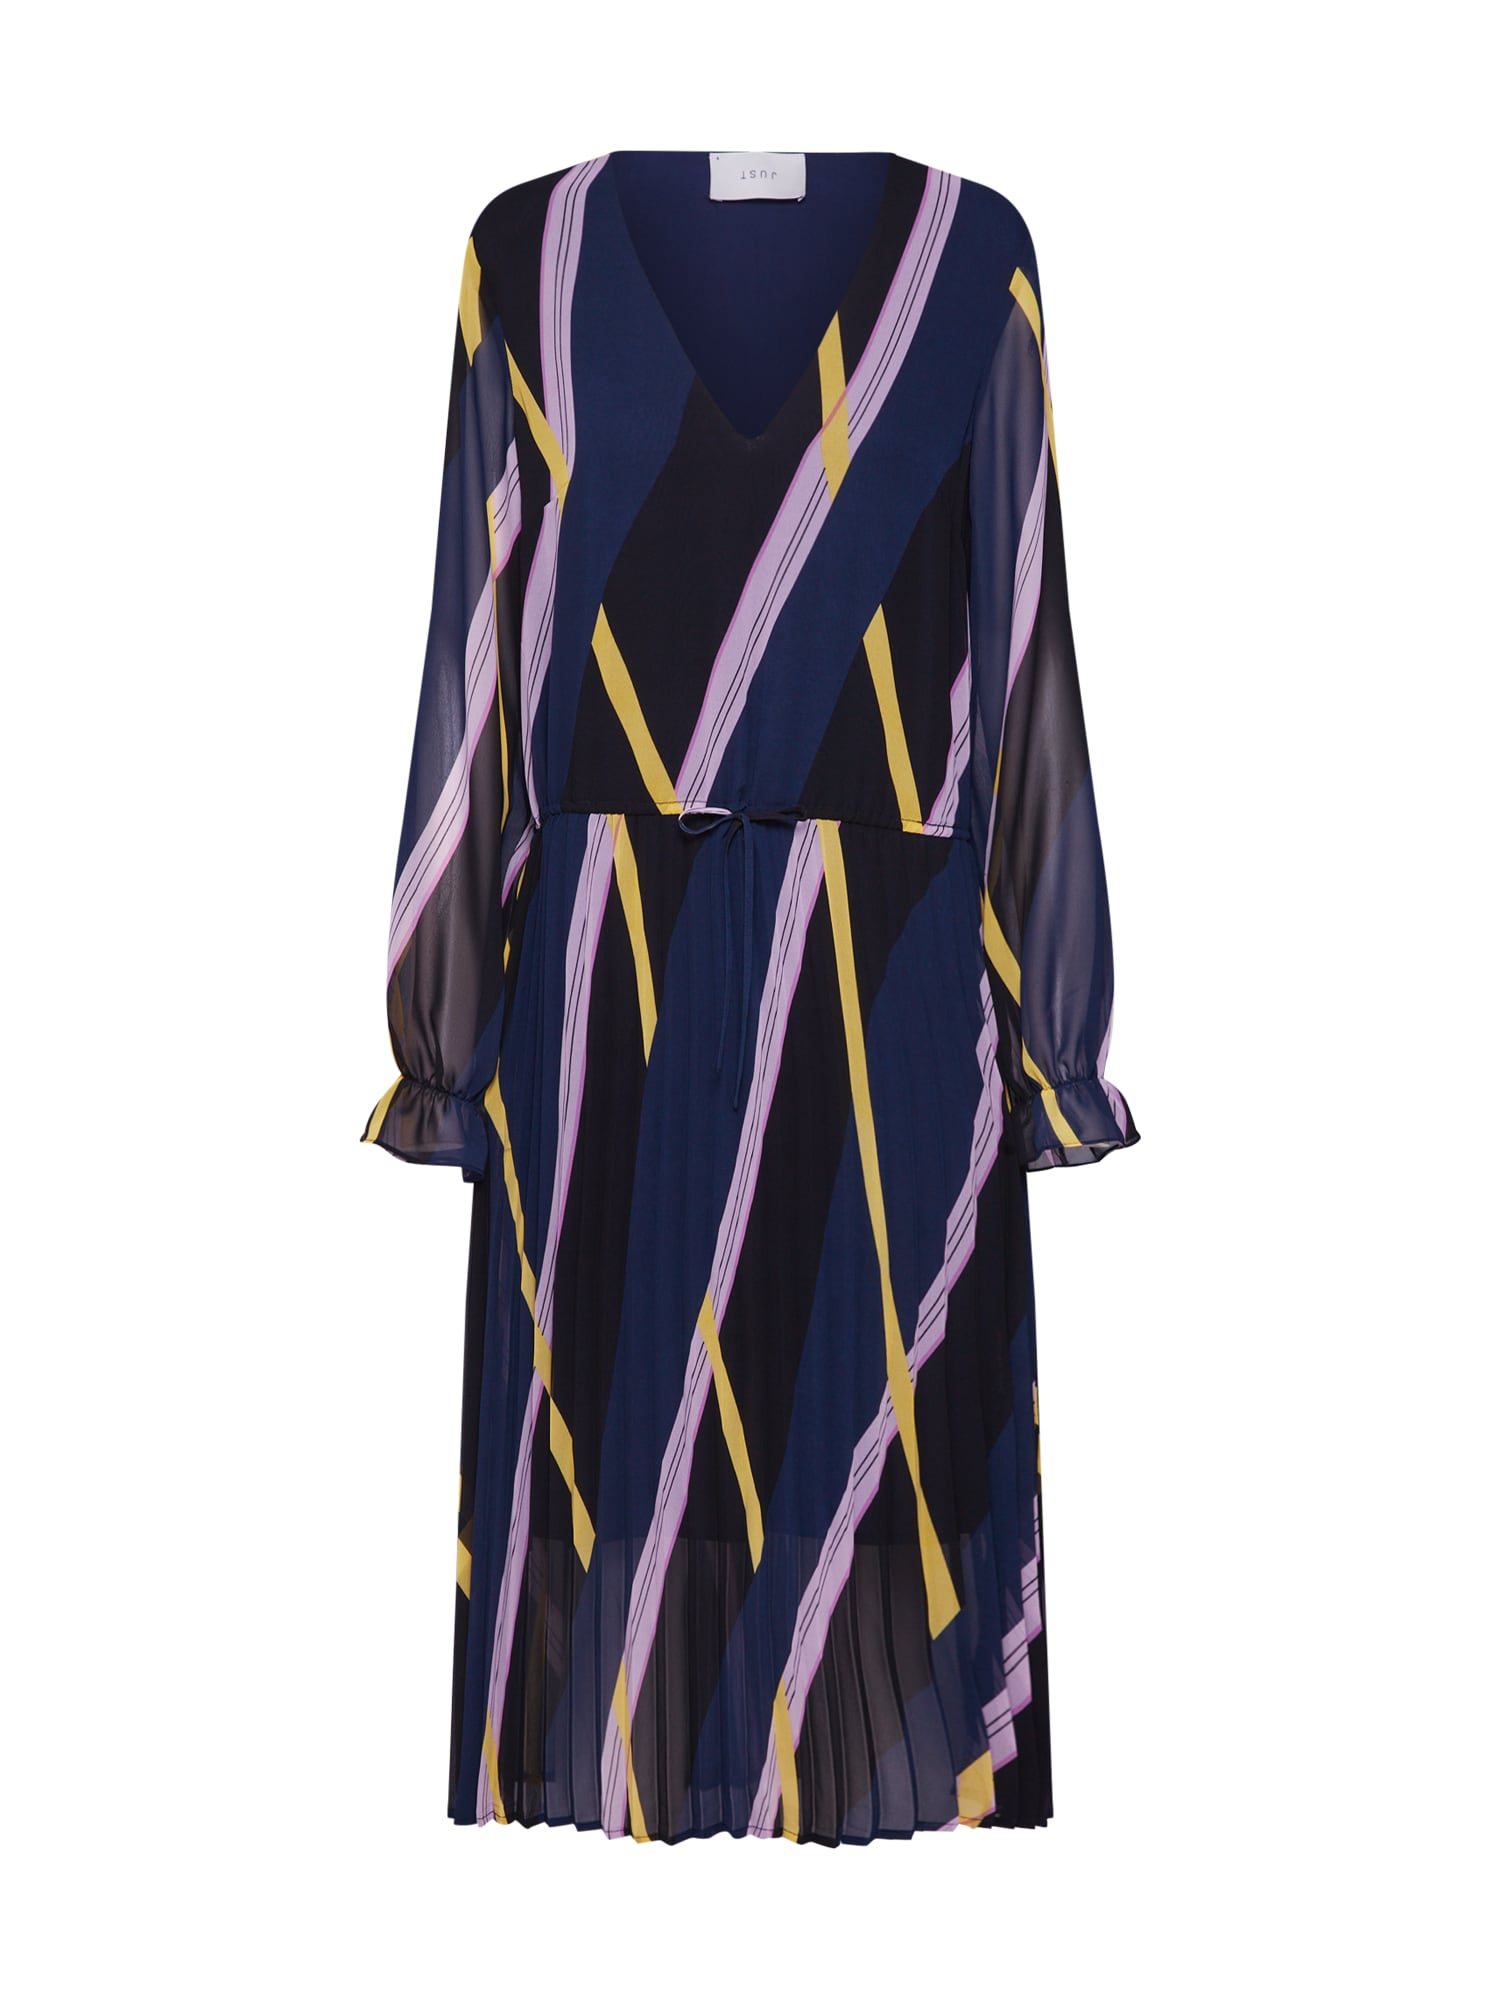 Šaty Gala námořnická modř mix barev JUST FEMALE